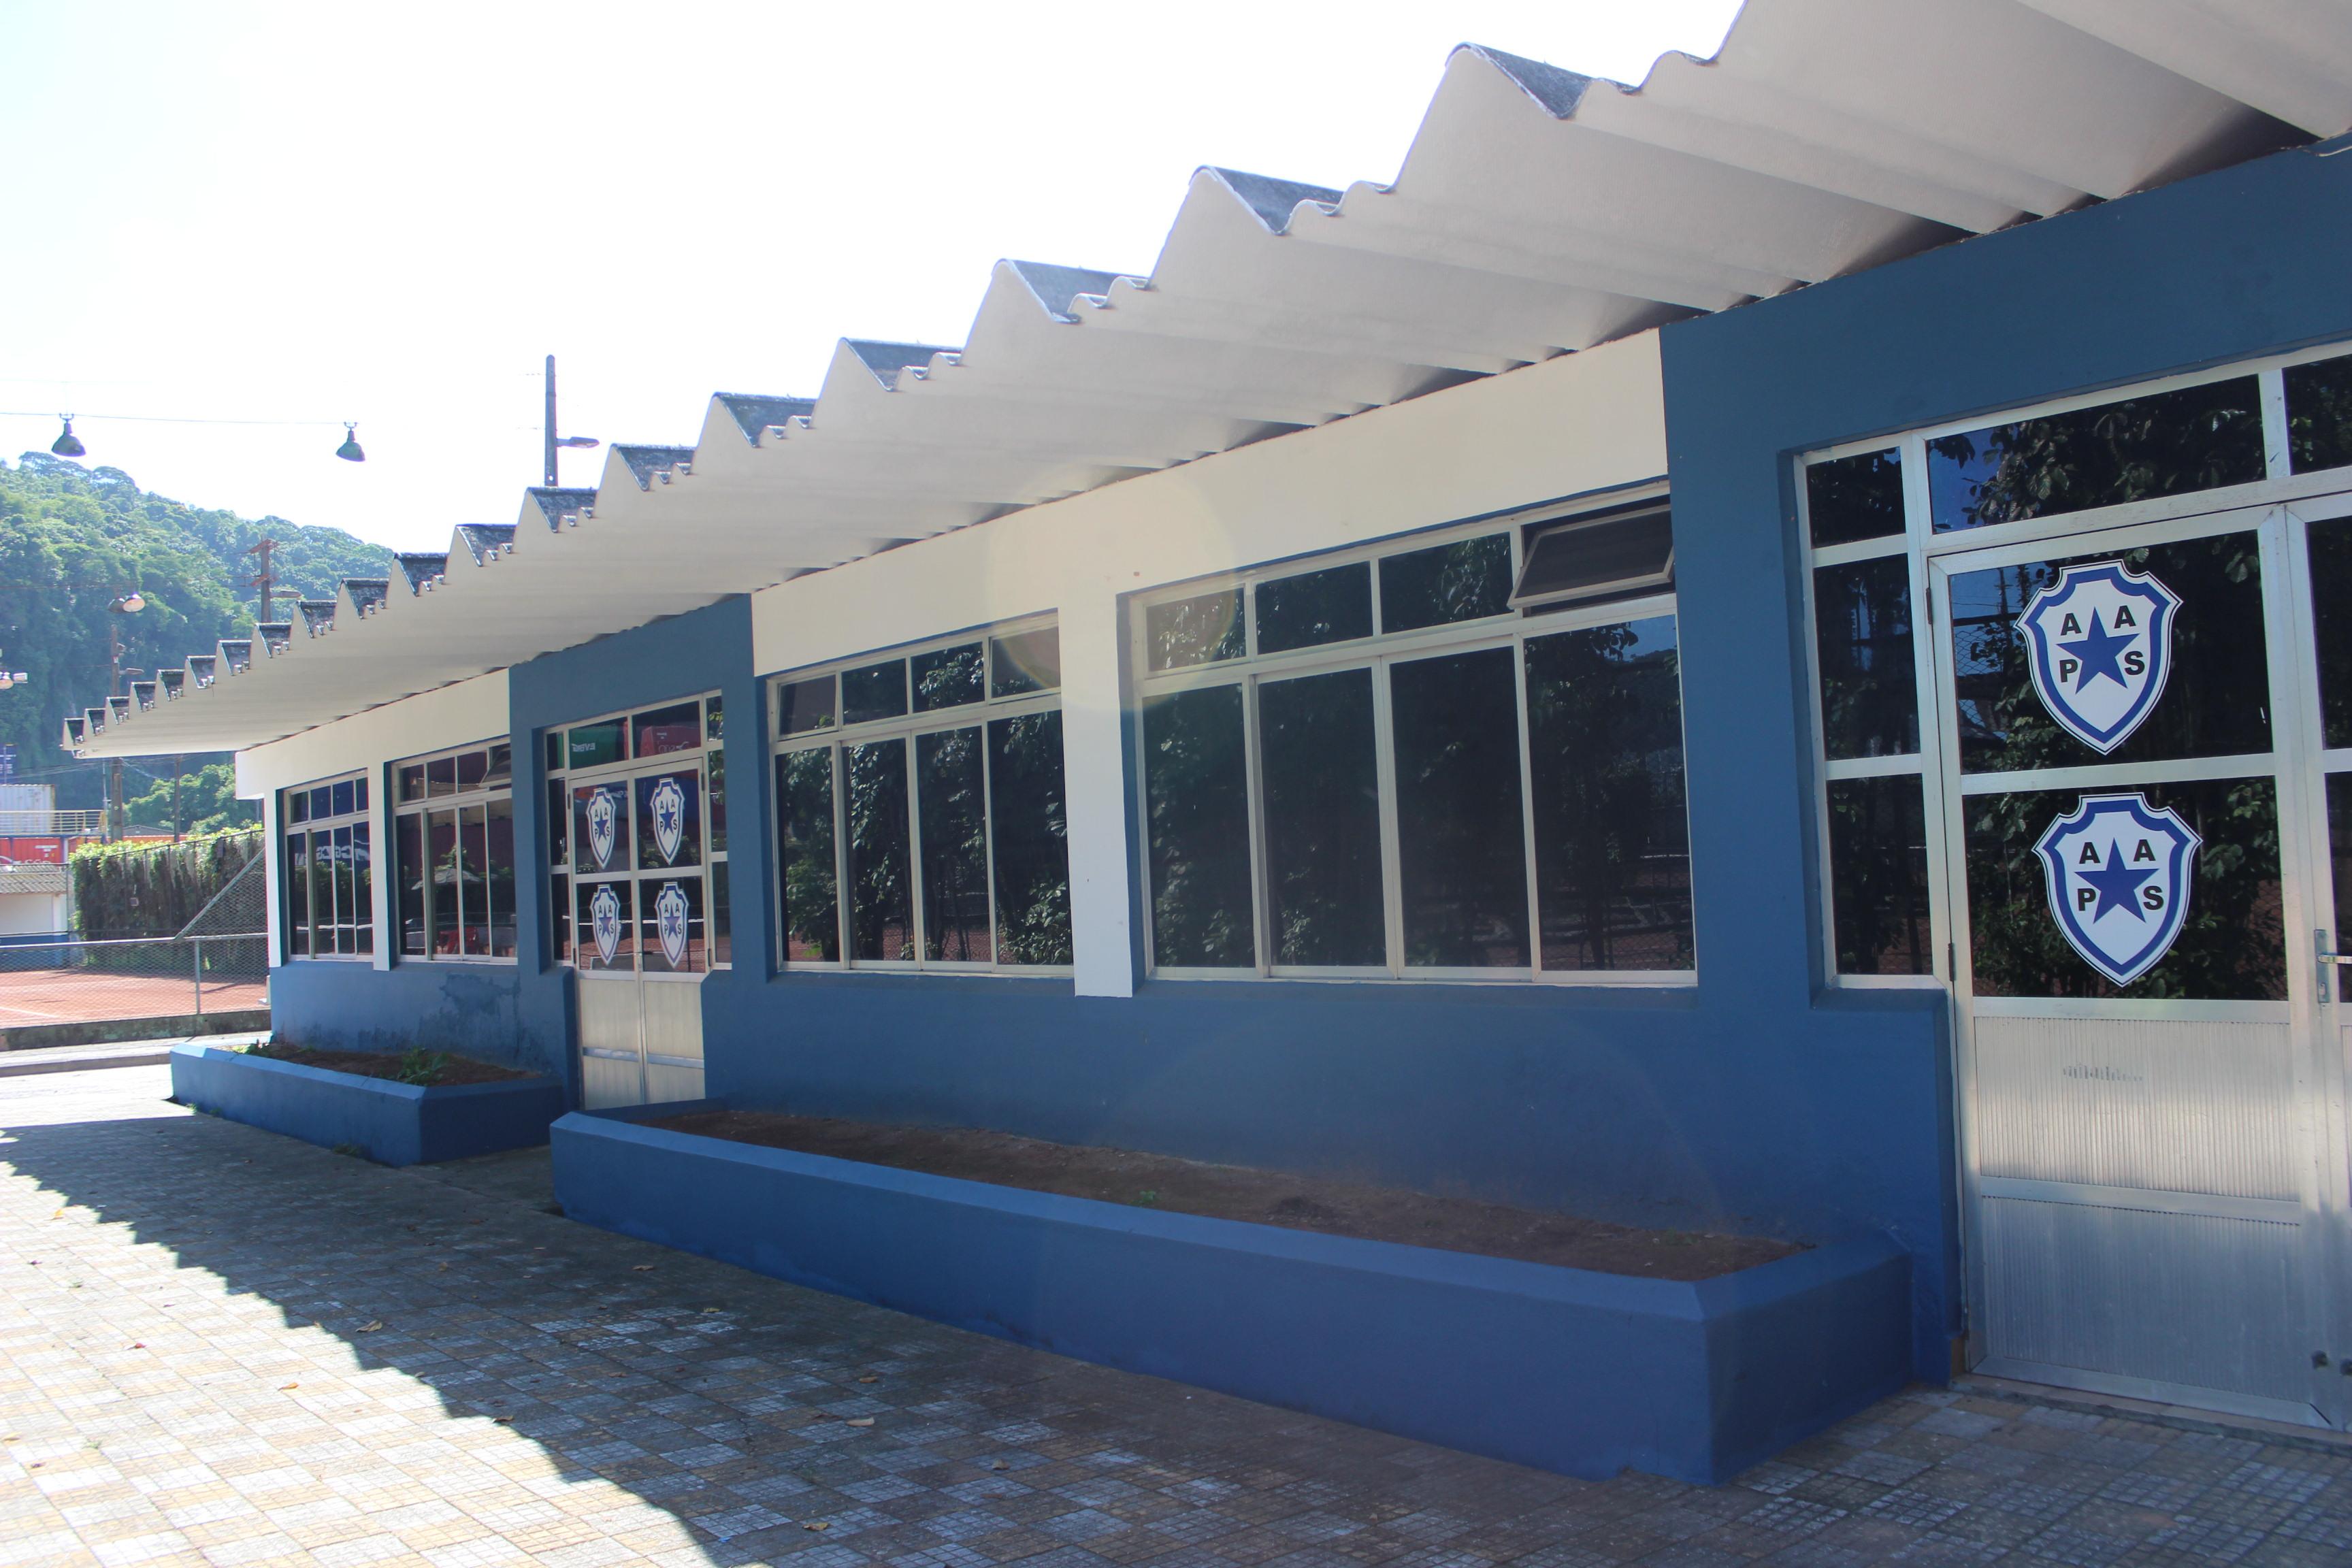 Clube Portuários